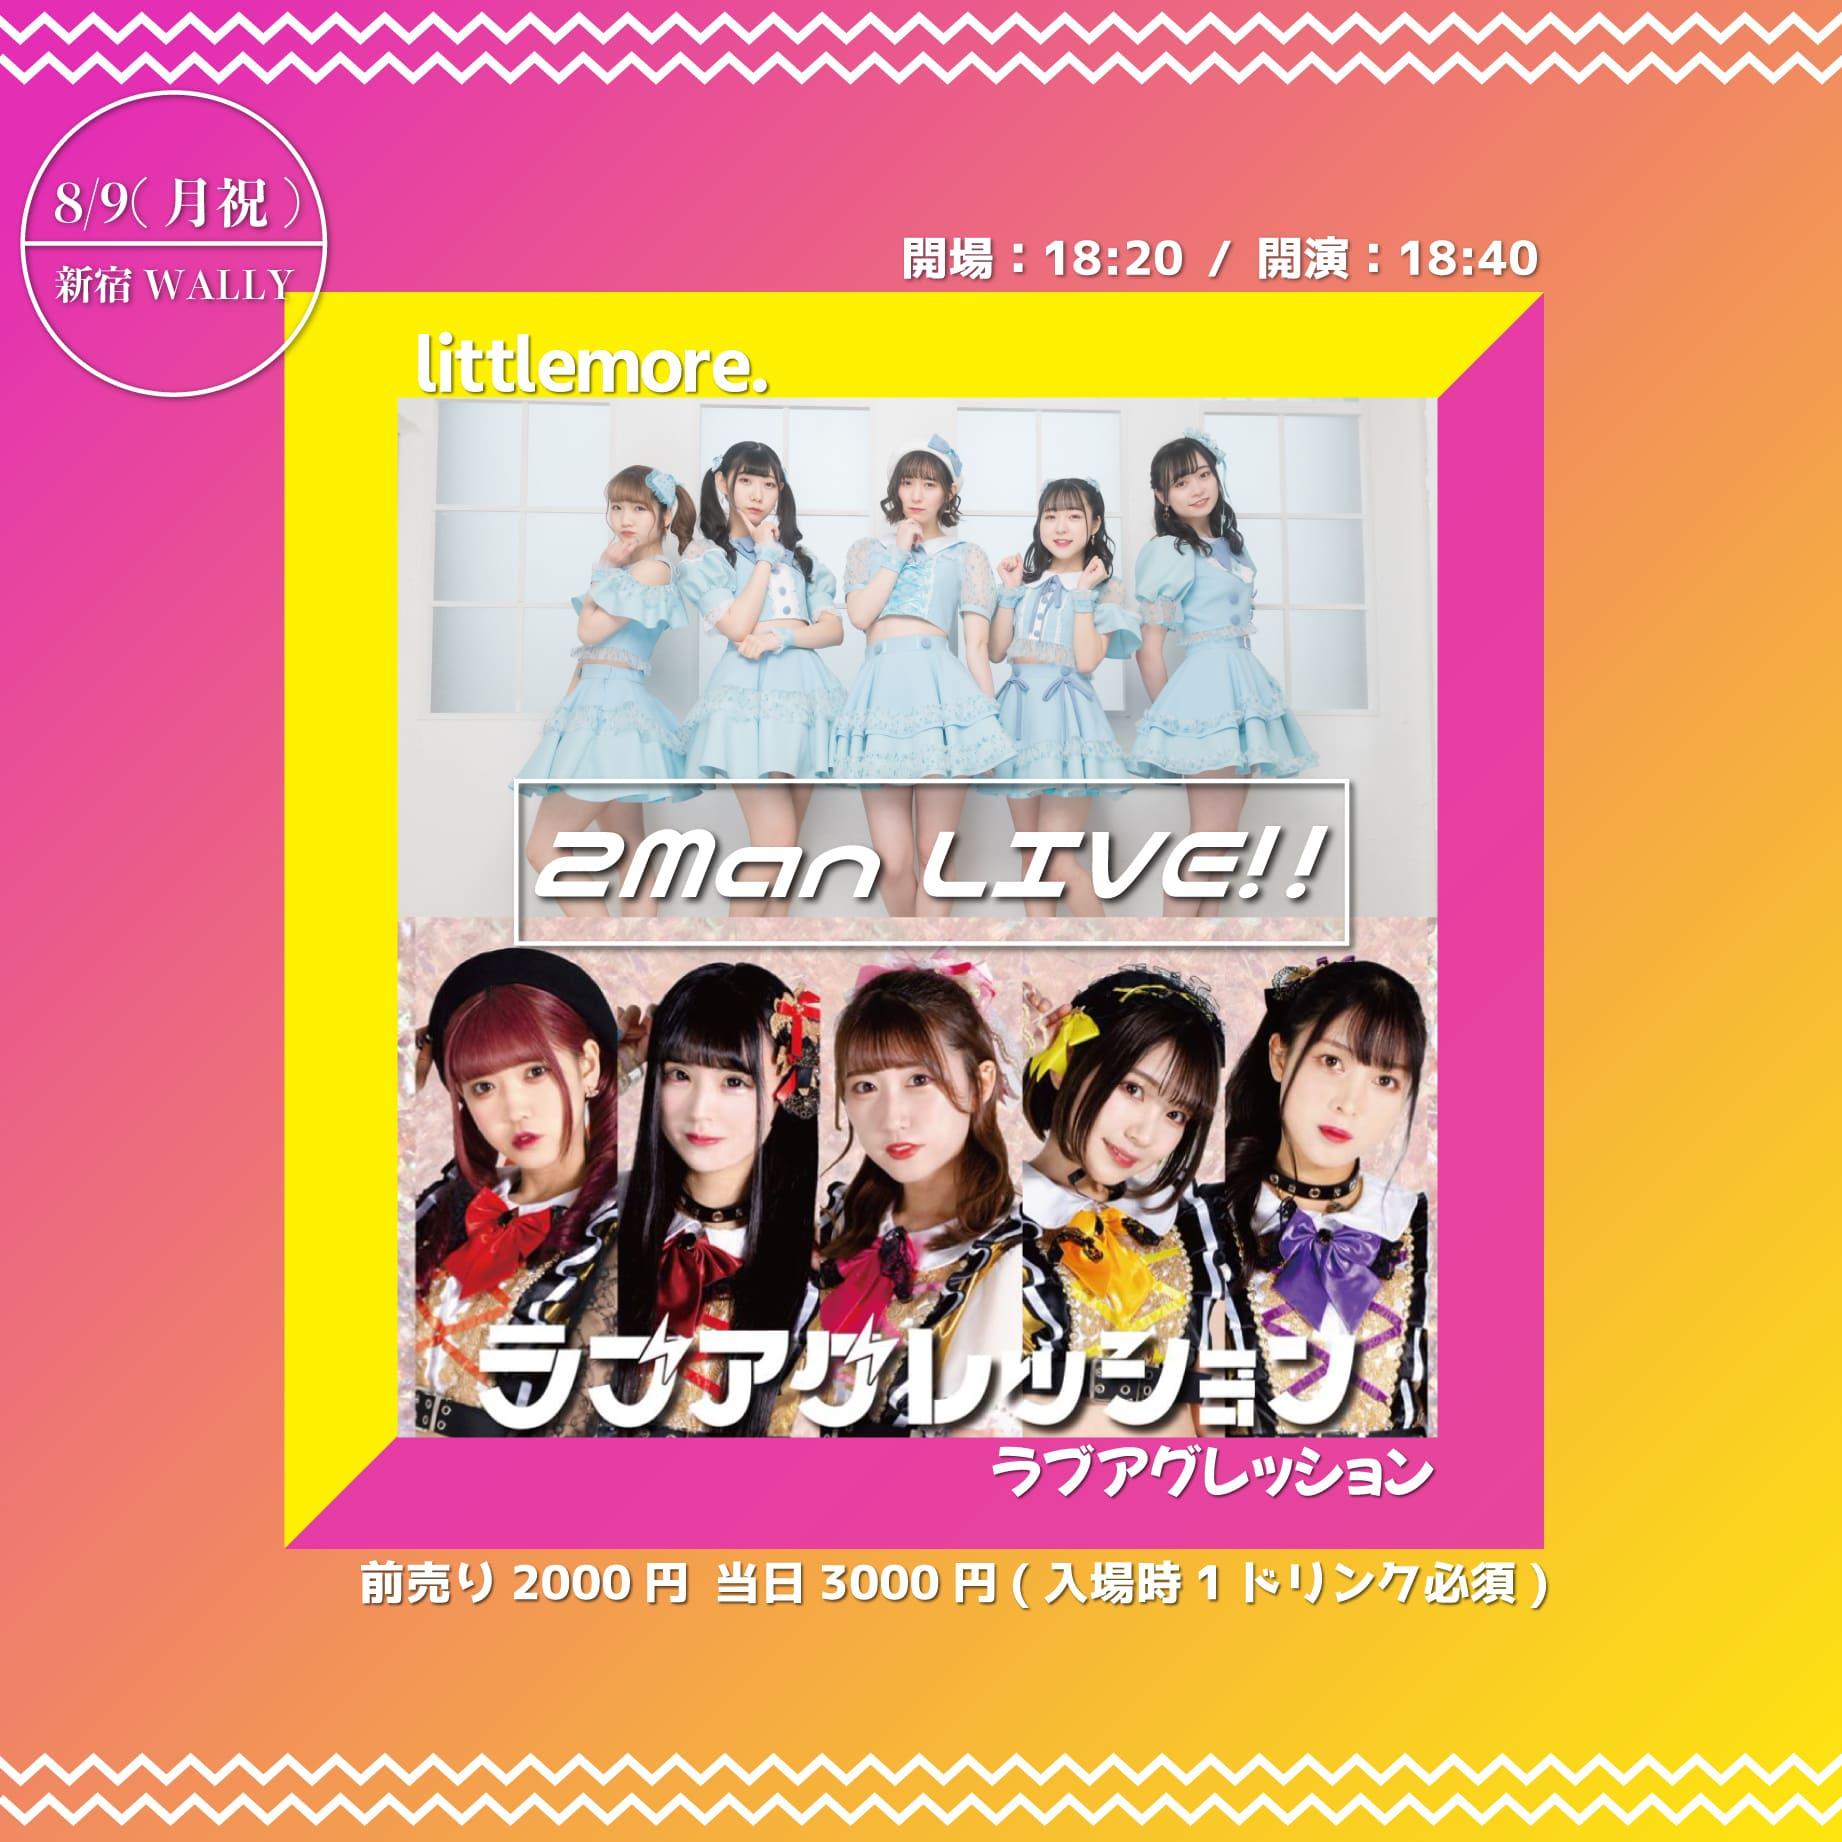 8/9(月祝)littlemore. × ラブアグレッション 2man Live!!